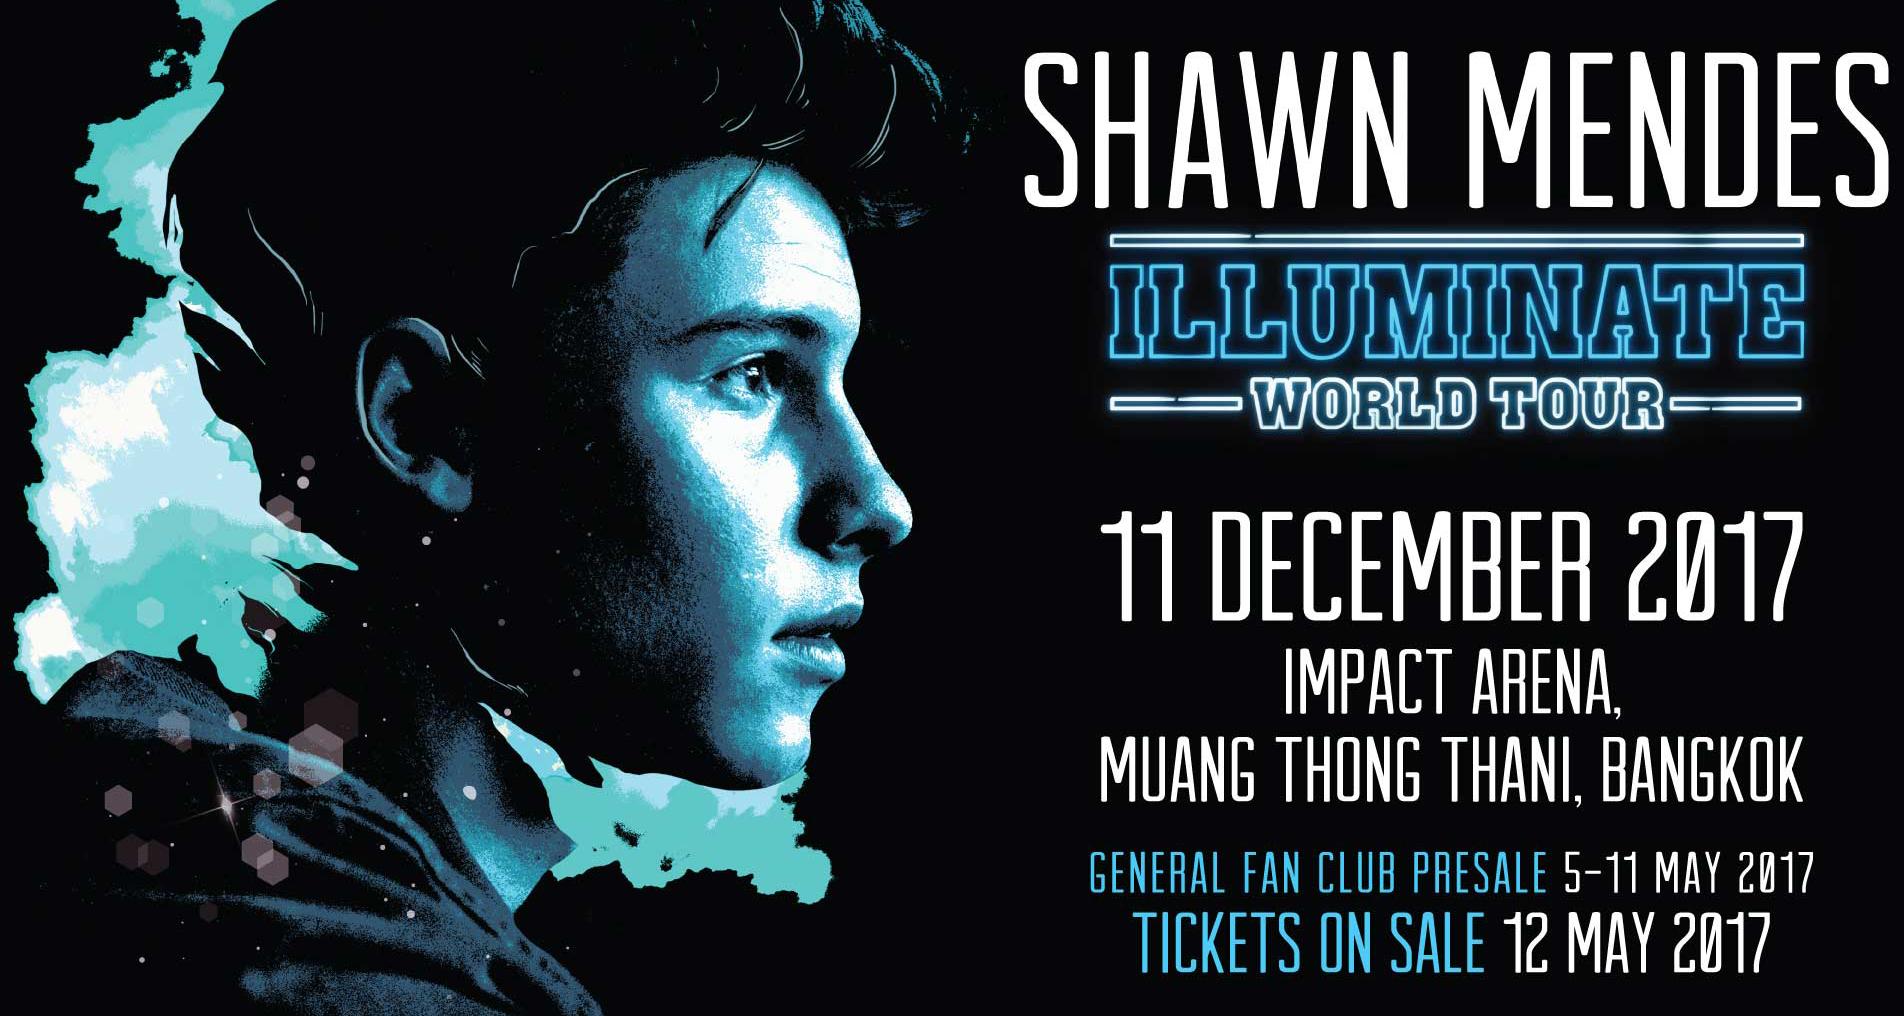 """""""ฌอน เมนเดส"""" เตรียมเยือนไทยเปิดคอนเสิร์ตใหญ่ครั้งแรก 11 ธันวาคมนี้"""